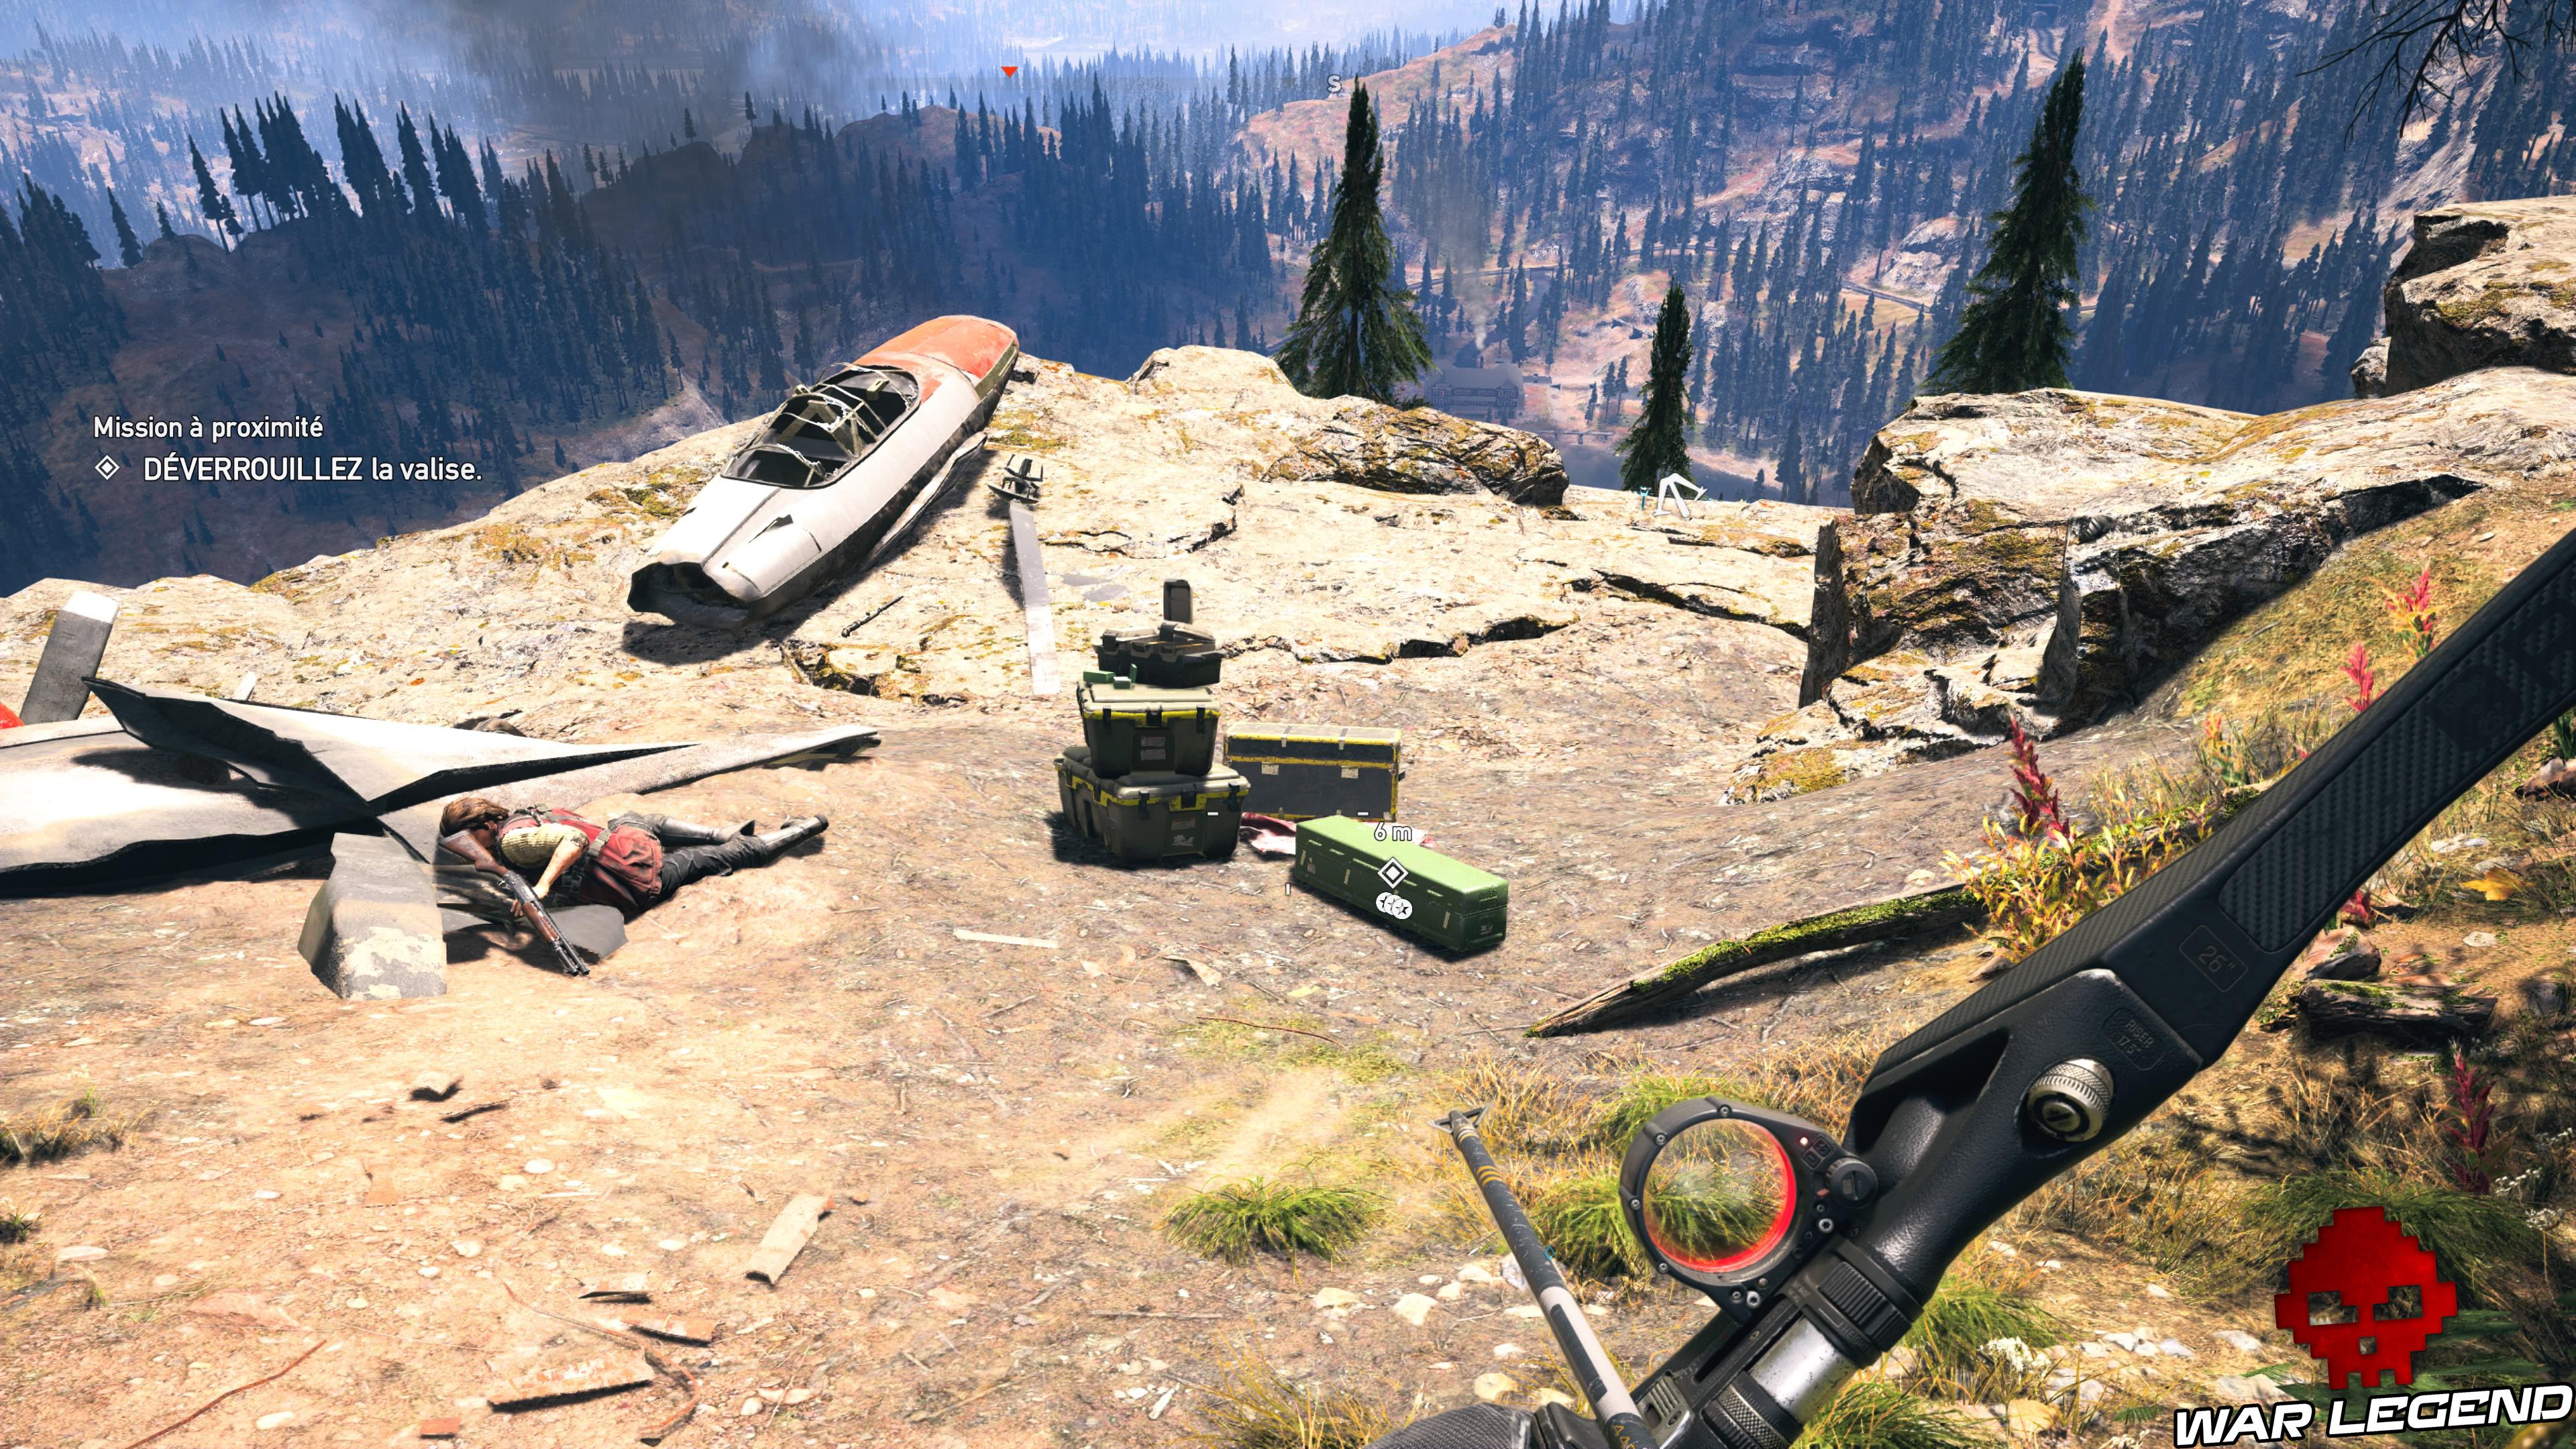 Guide Far Cry 5 - Les caches de survivaliste de la région de Jacob (Whitetail Mountains) crash avion